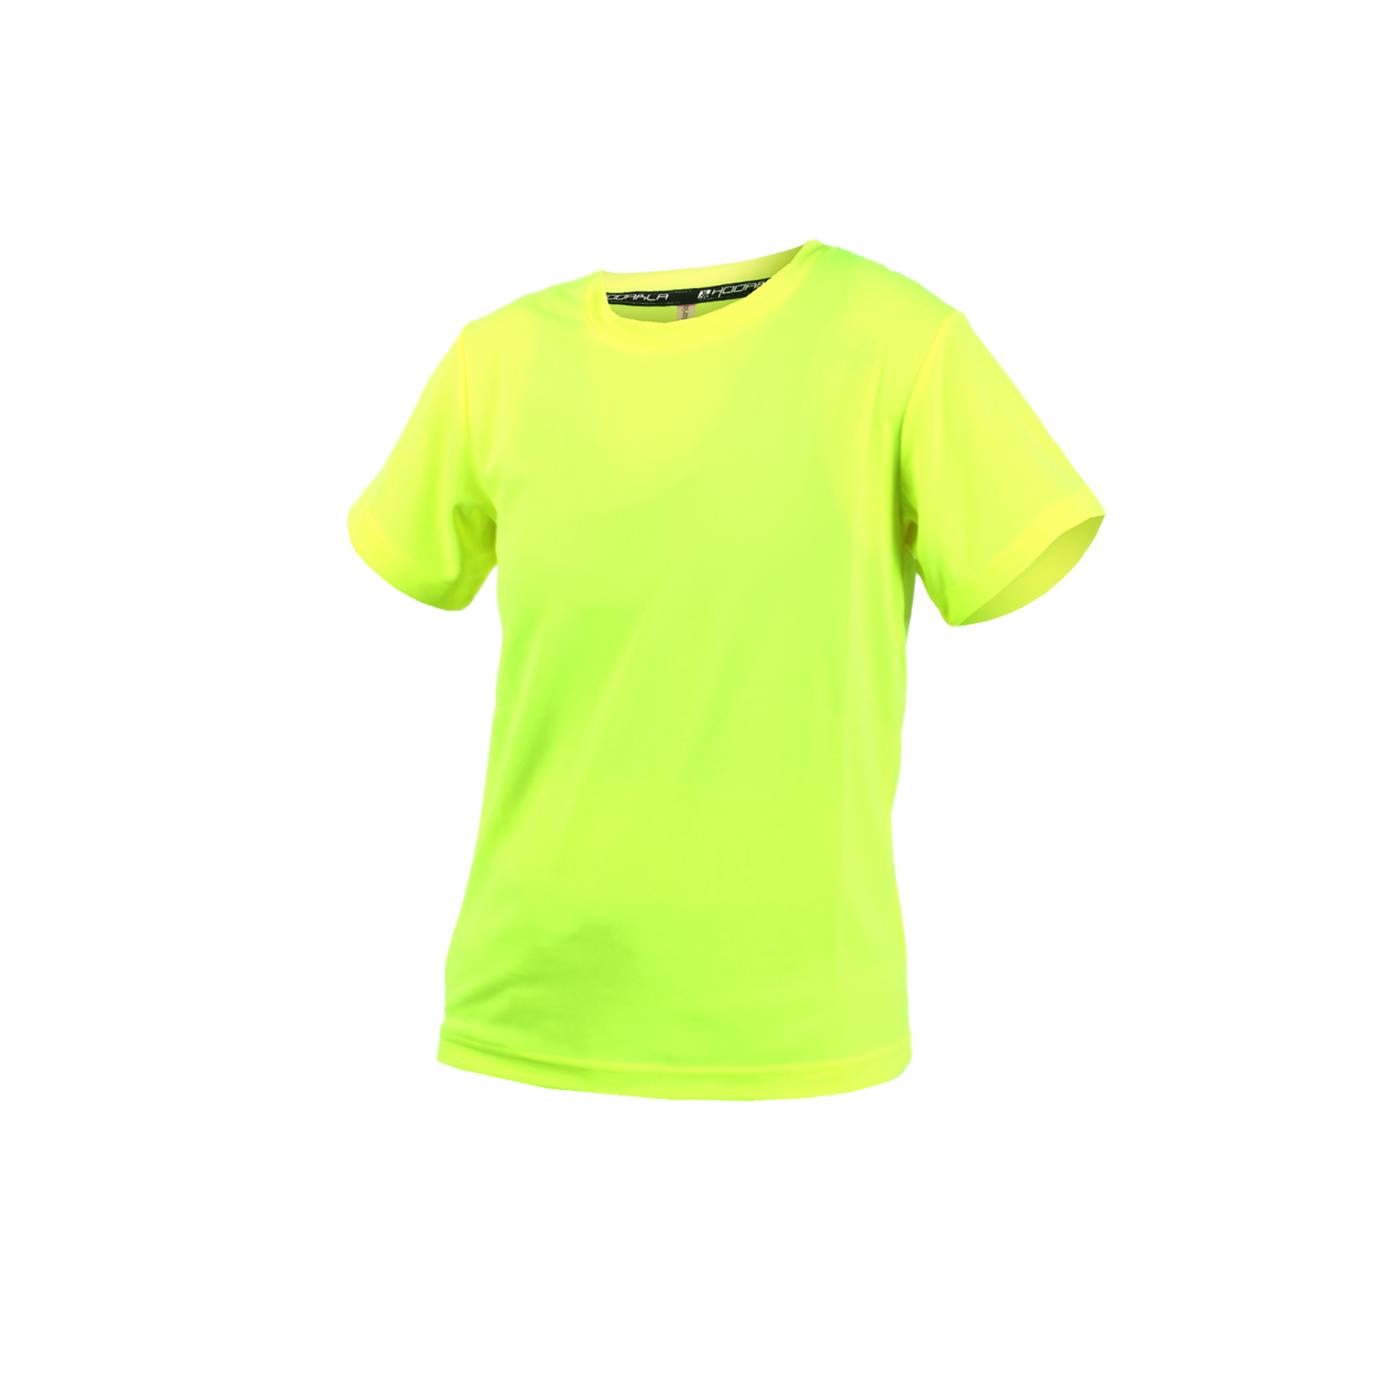 HODARLA 童裝-激膚無感衣 3138701 - 螢光黃